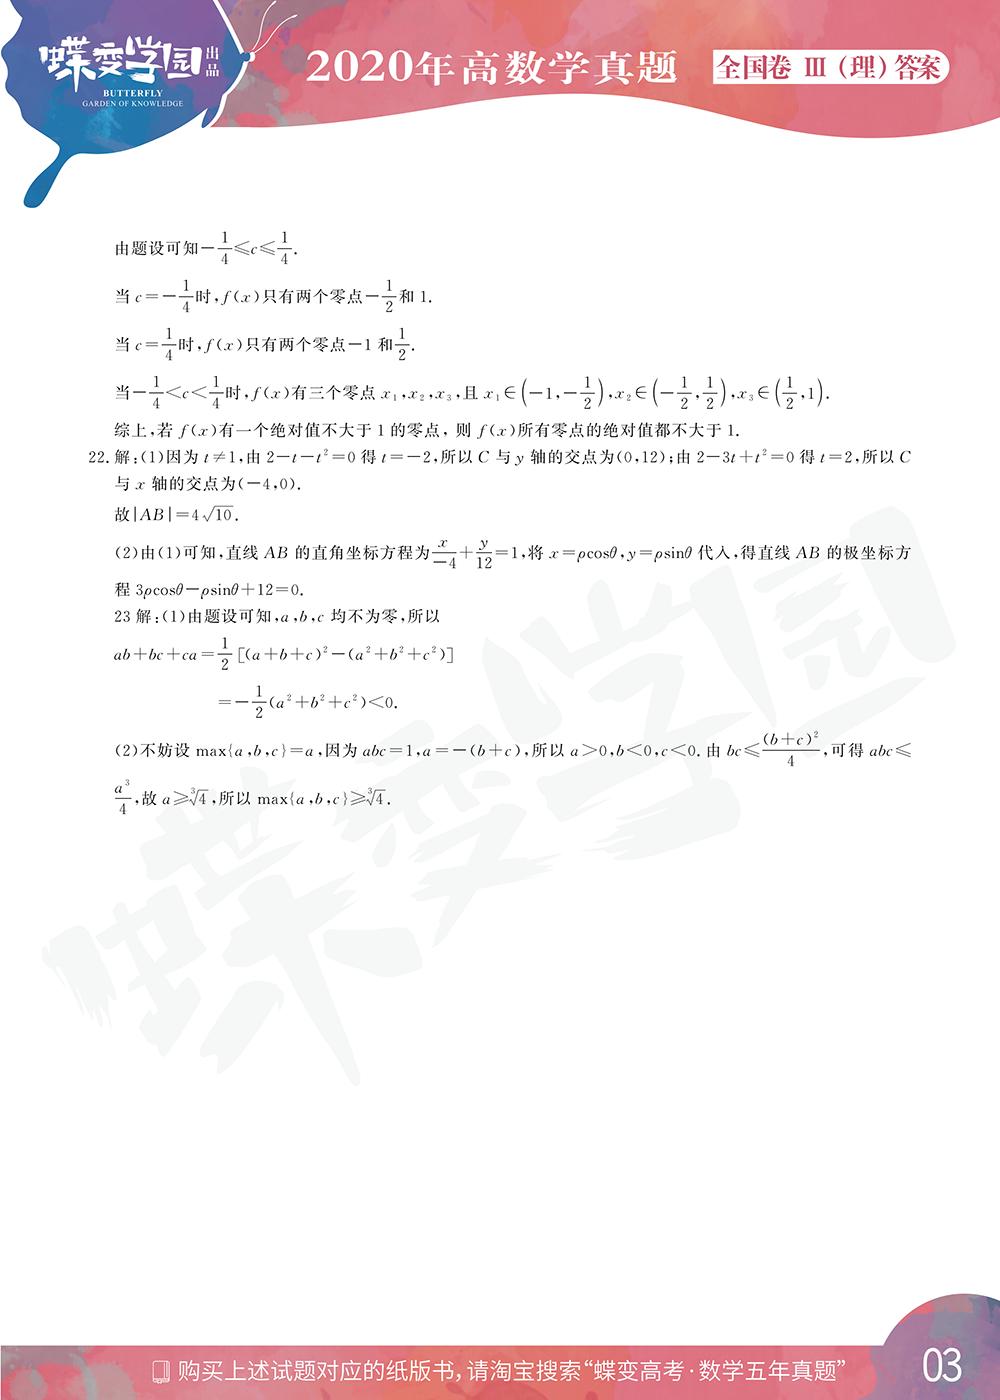 2020年全國3卷高考理科數學試題答案【高清精校版】